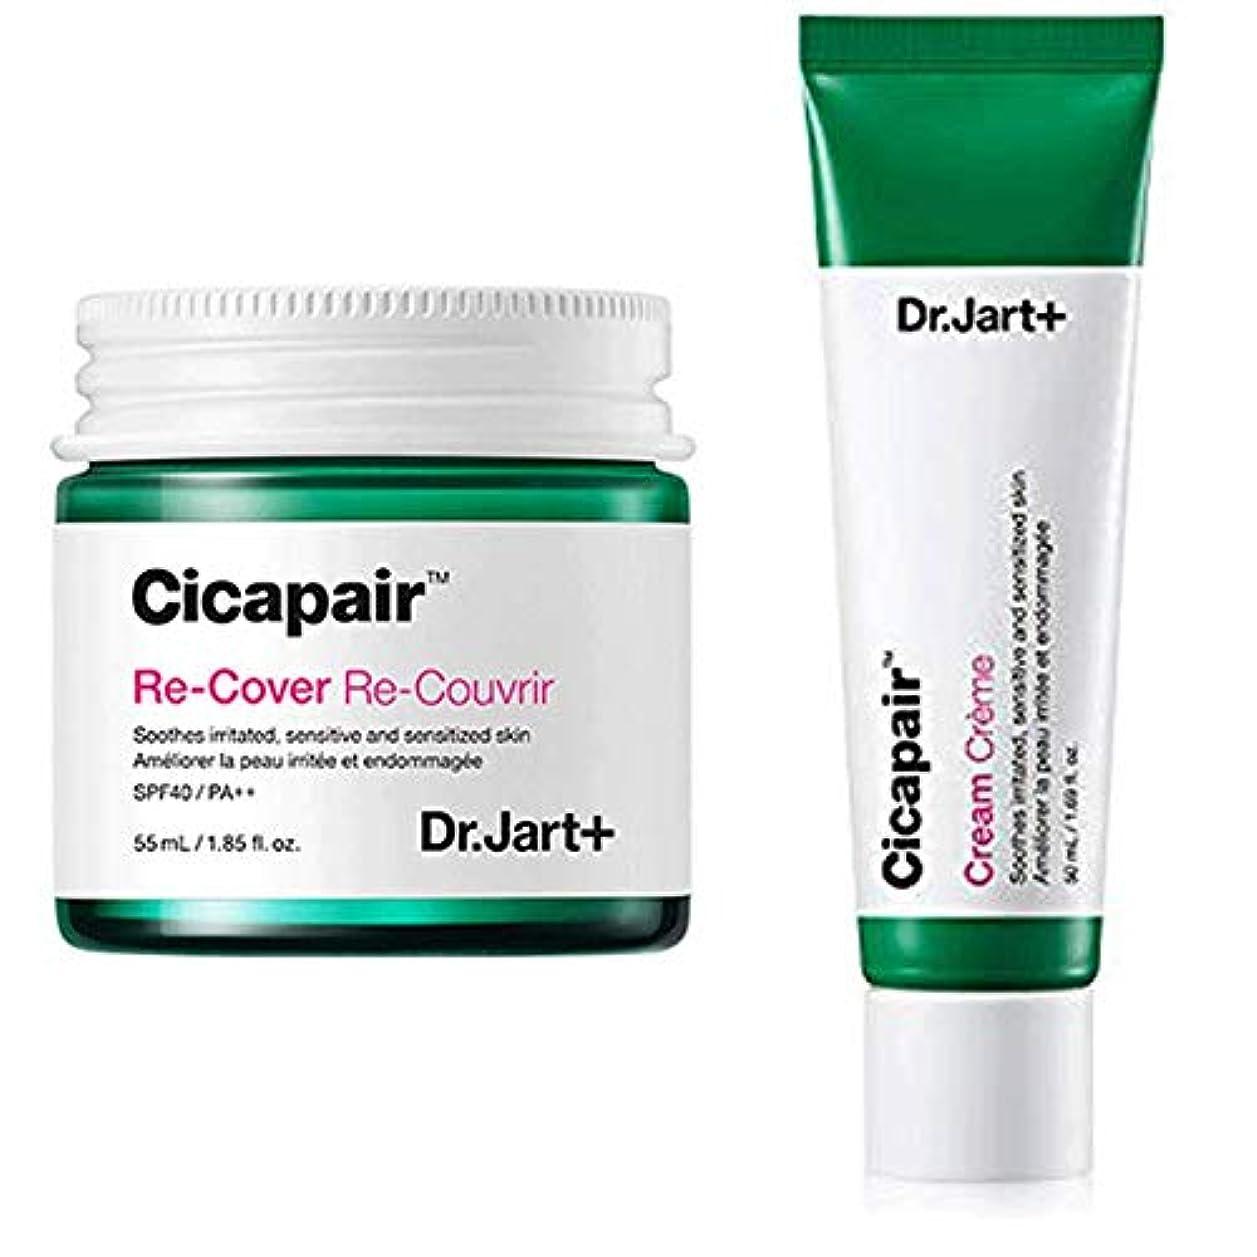 悪質な指定する珍味Dr.Jart+ Cicapair Cream + ReCover ドクタージャルトシカペアクリーム50ml + リカバー 55ml (2代目) セット [並行輸入品]